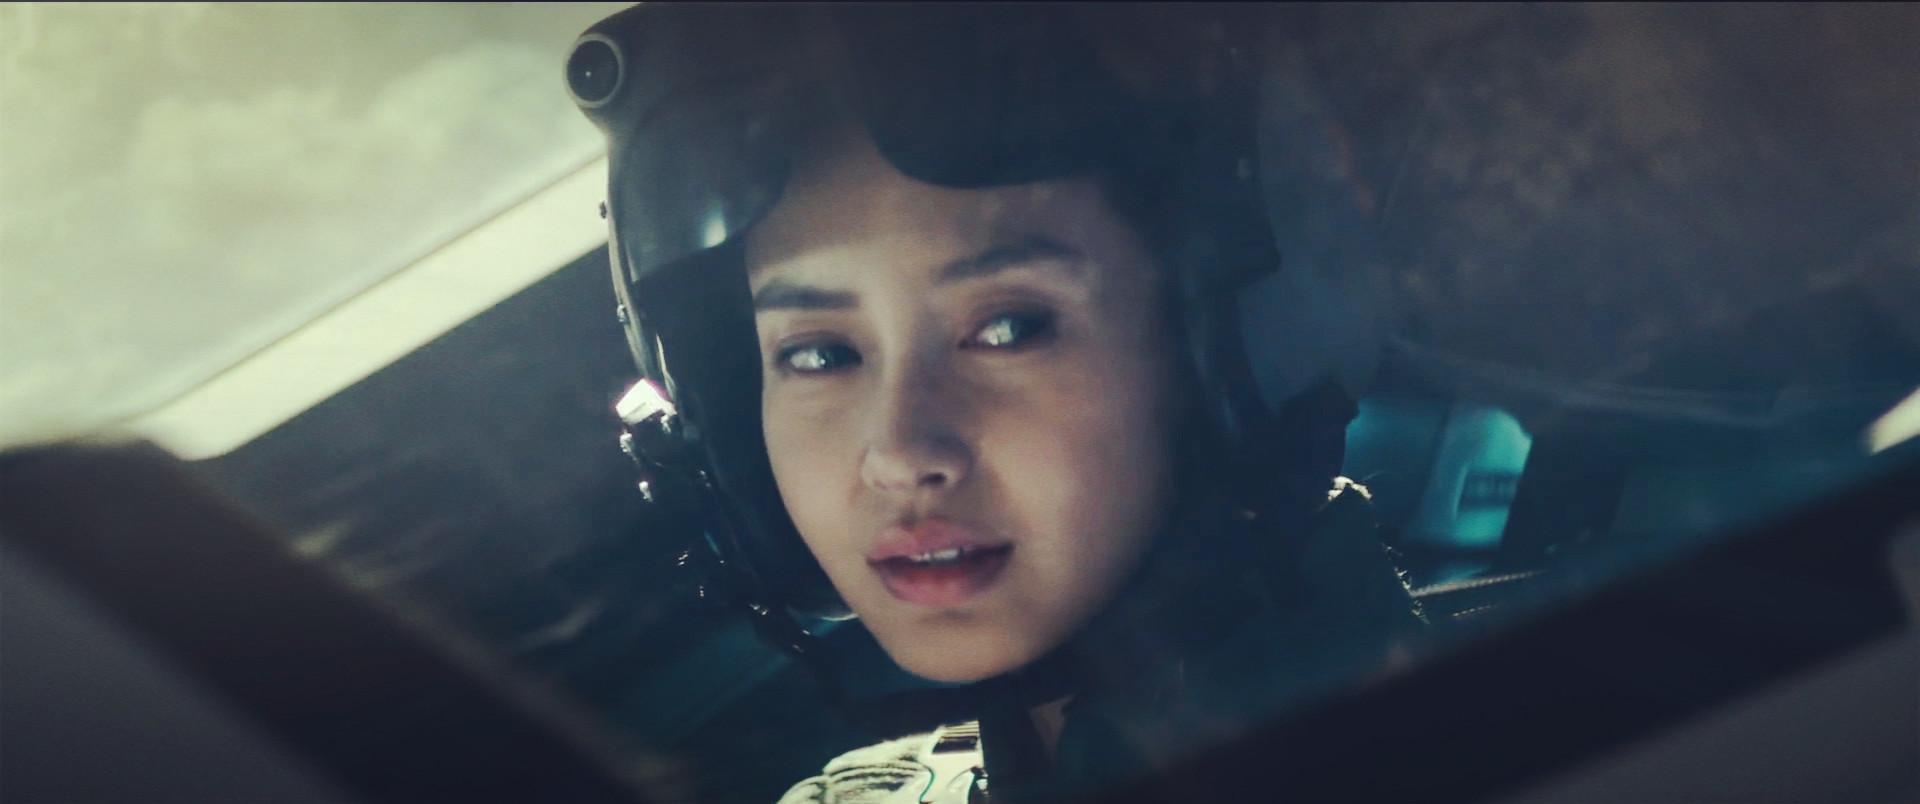 Angela Baby xuất hiện trong bom tấn 'Ngày độc lập 2'